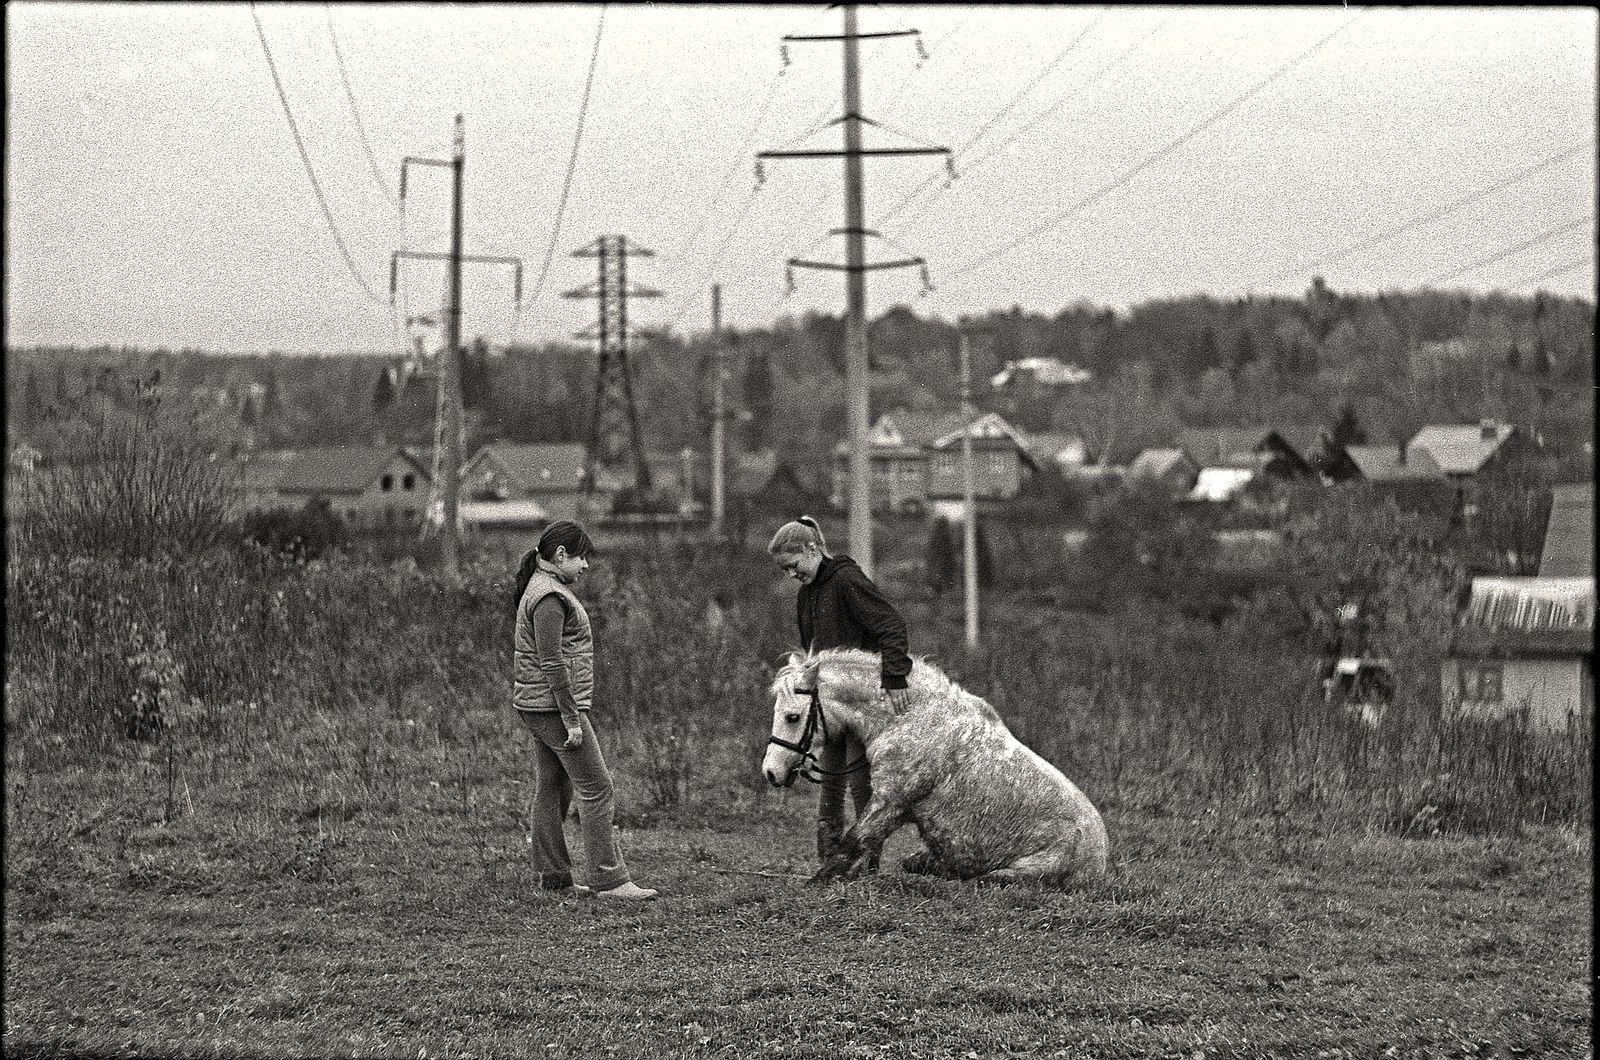 Николай Карташов. daily life. girl and horse